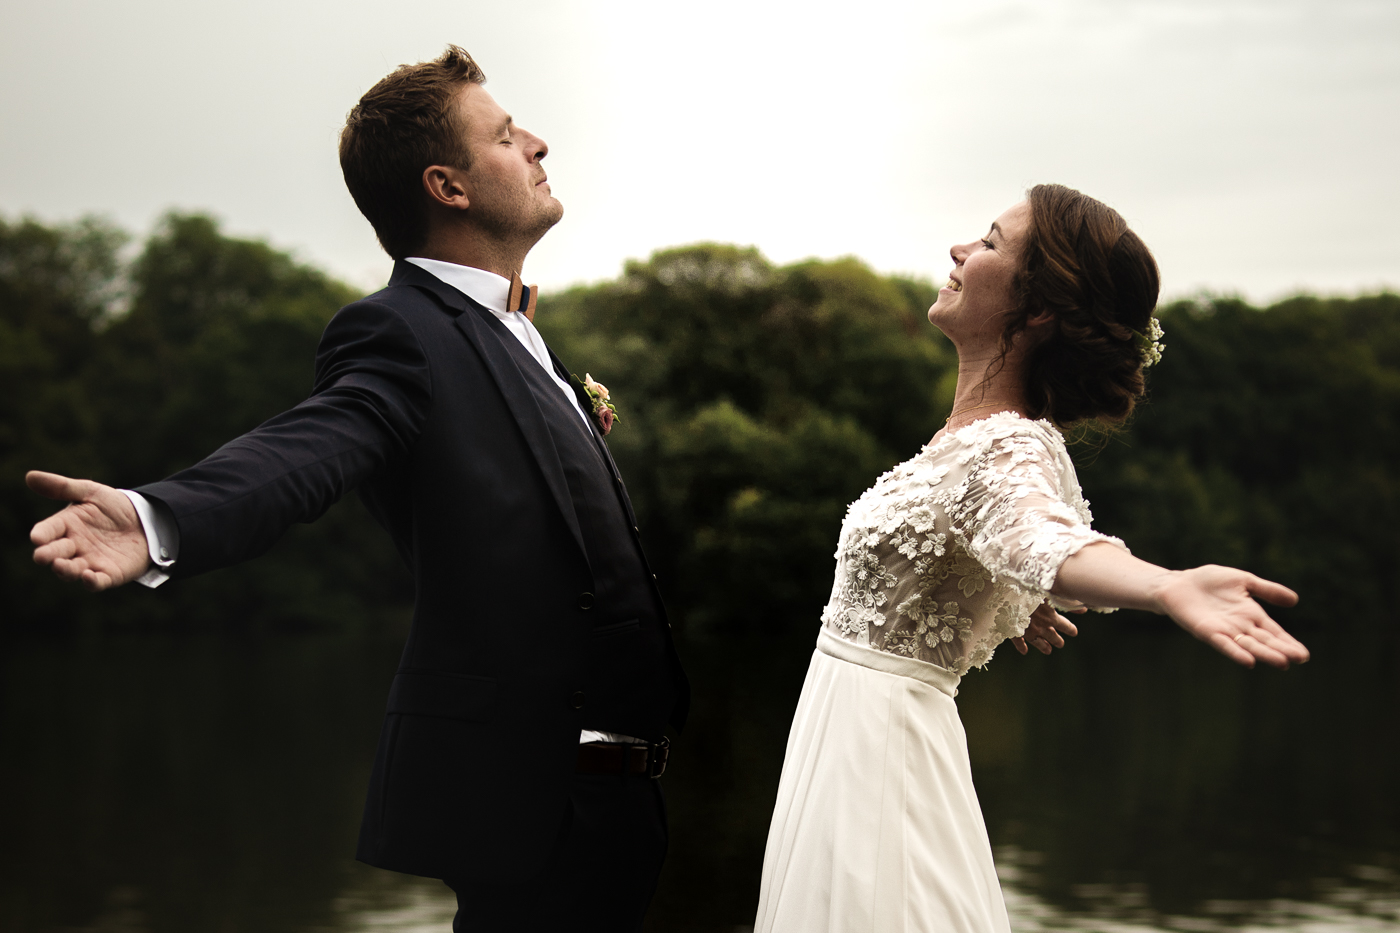 reportage mariage nantes phoyougraphie youenn thomas-YSO05386-Modifier170819